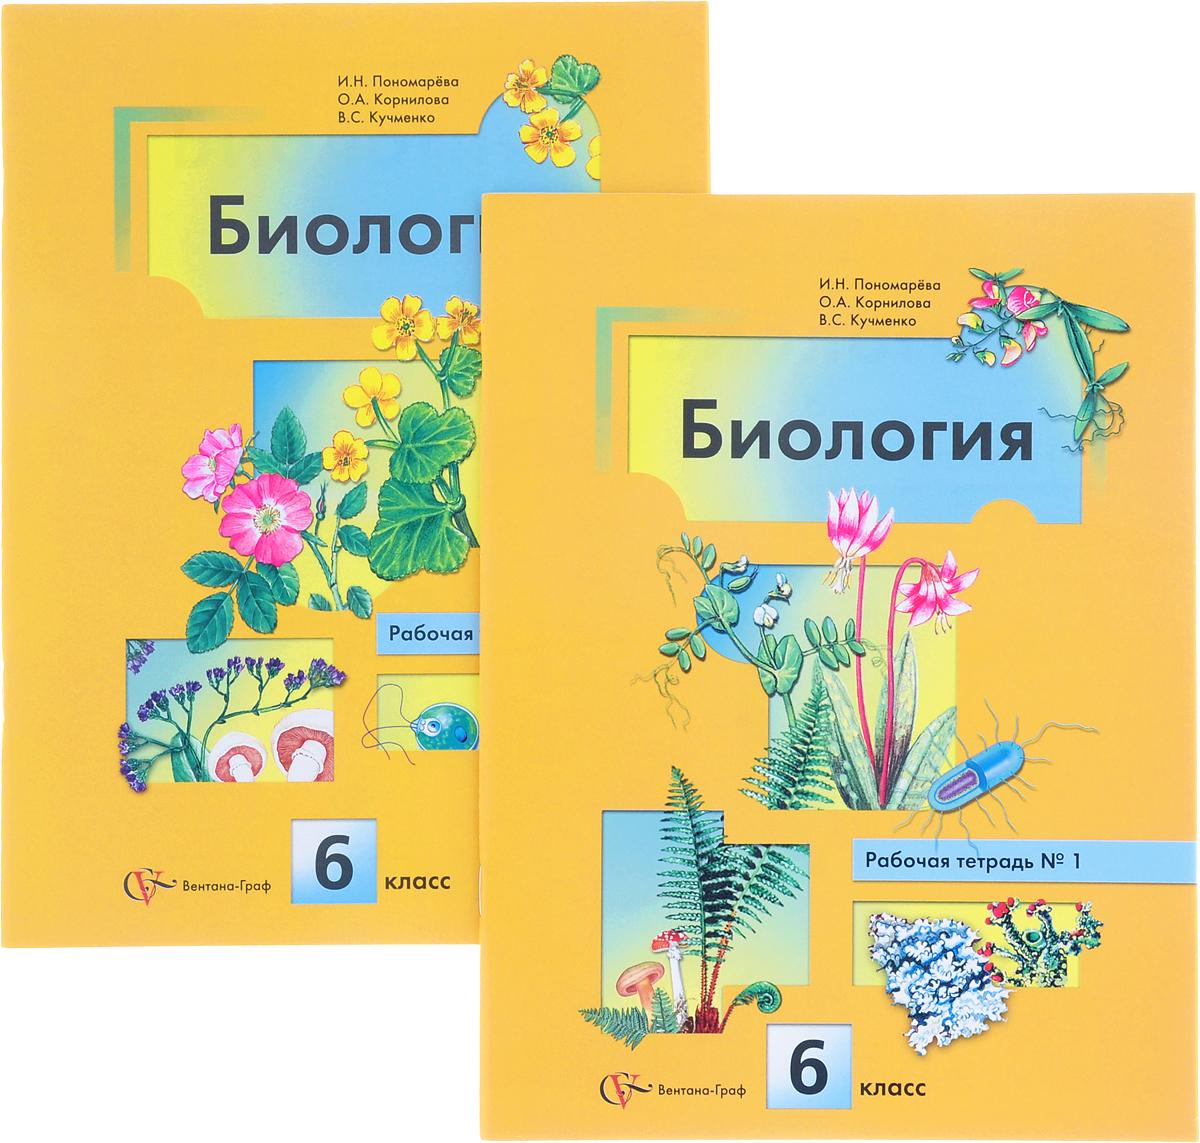 И. Н. Пономарева, В. С. Кучменко, О. А. Корнилова Биология. 6 класс. Рабочая тетрадь. В 2 частях (комплект из 2 книг)